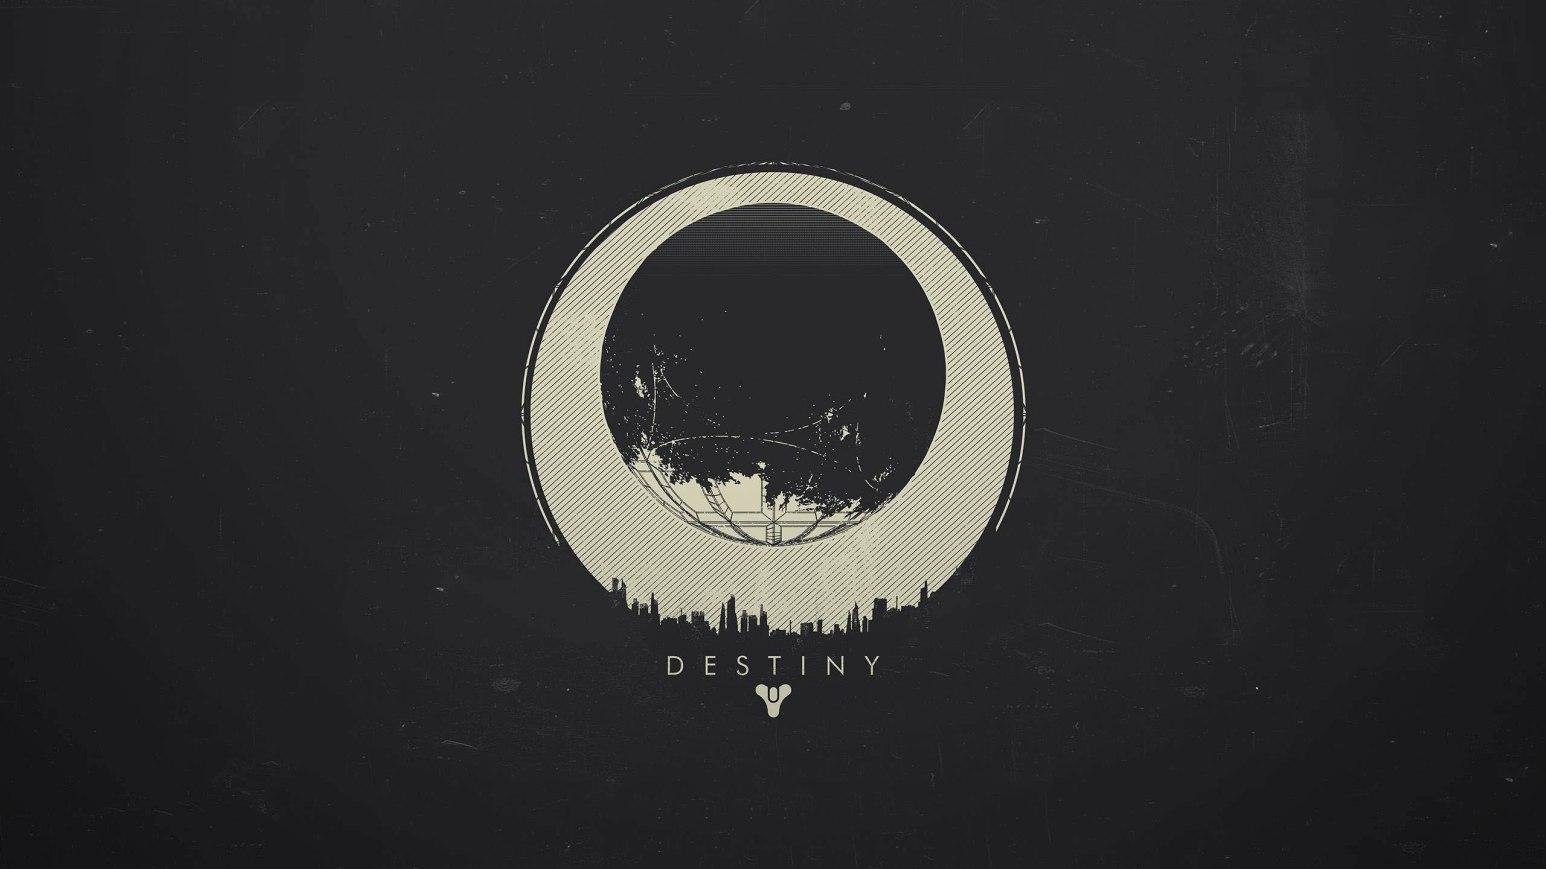 destiny game logo artwork image